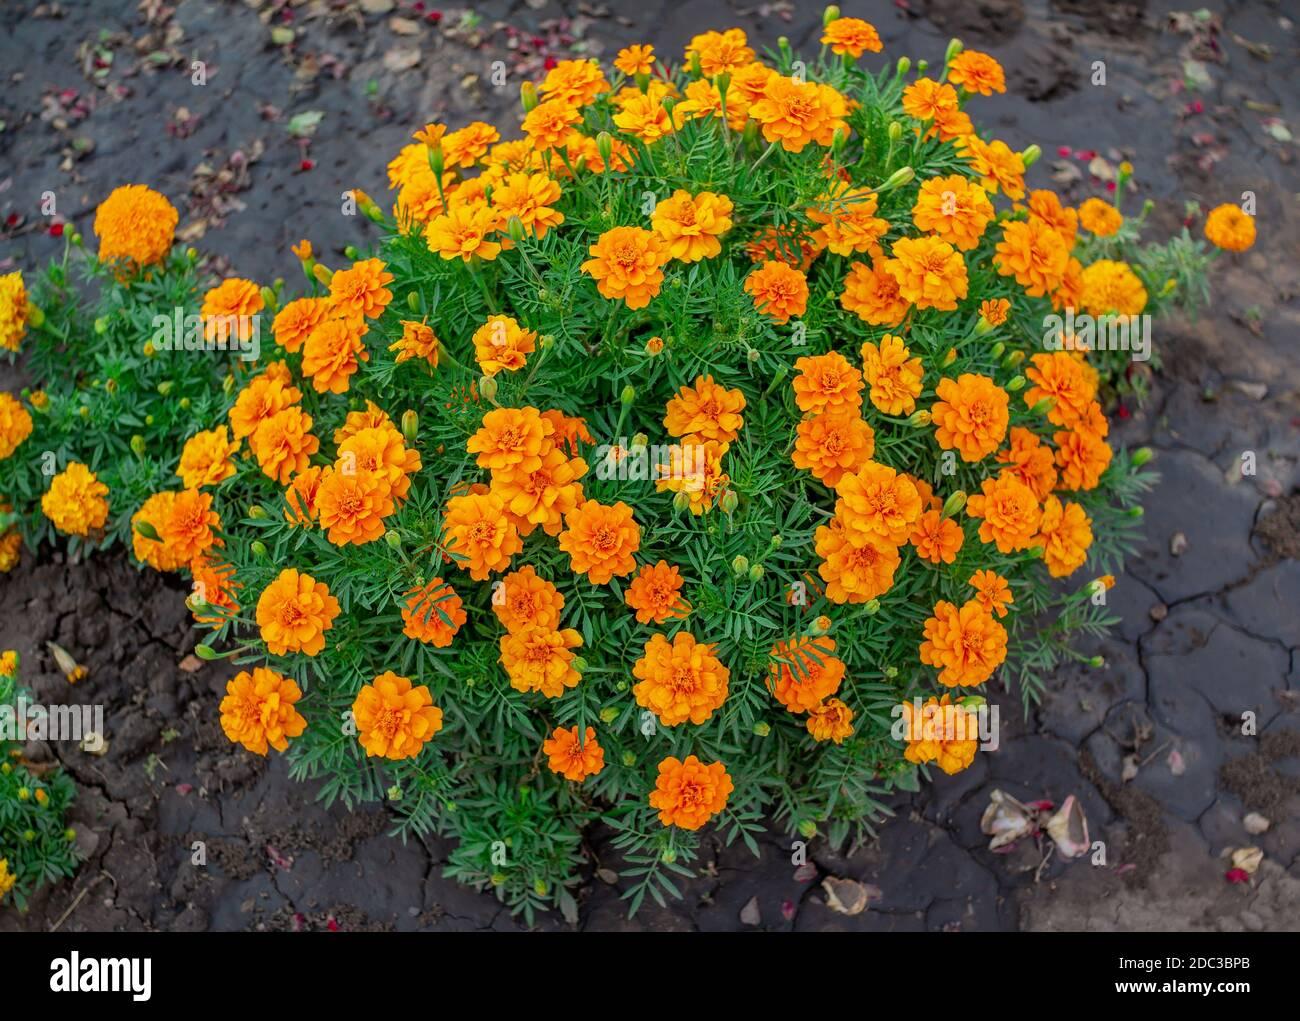 Hermosas flores de naranja brillante tagetes o Marigold, creciendo en el jardín Foto de stock